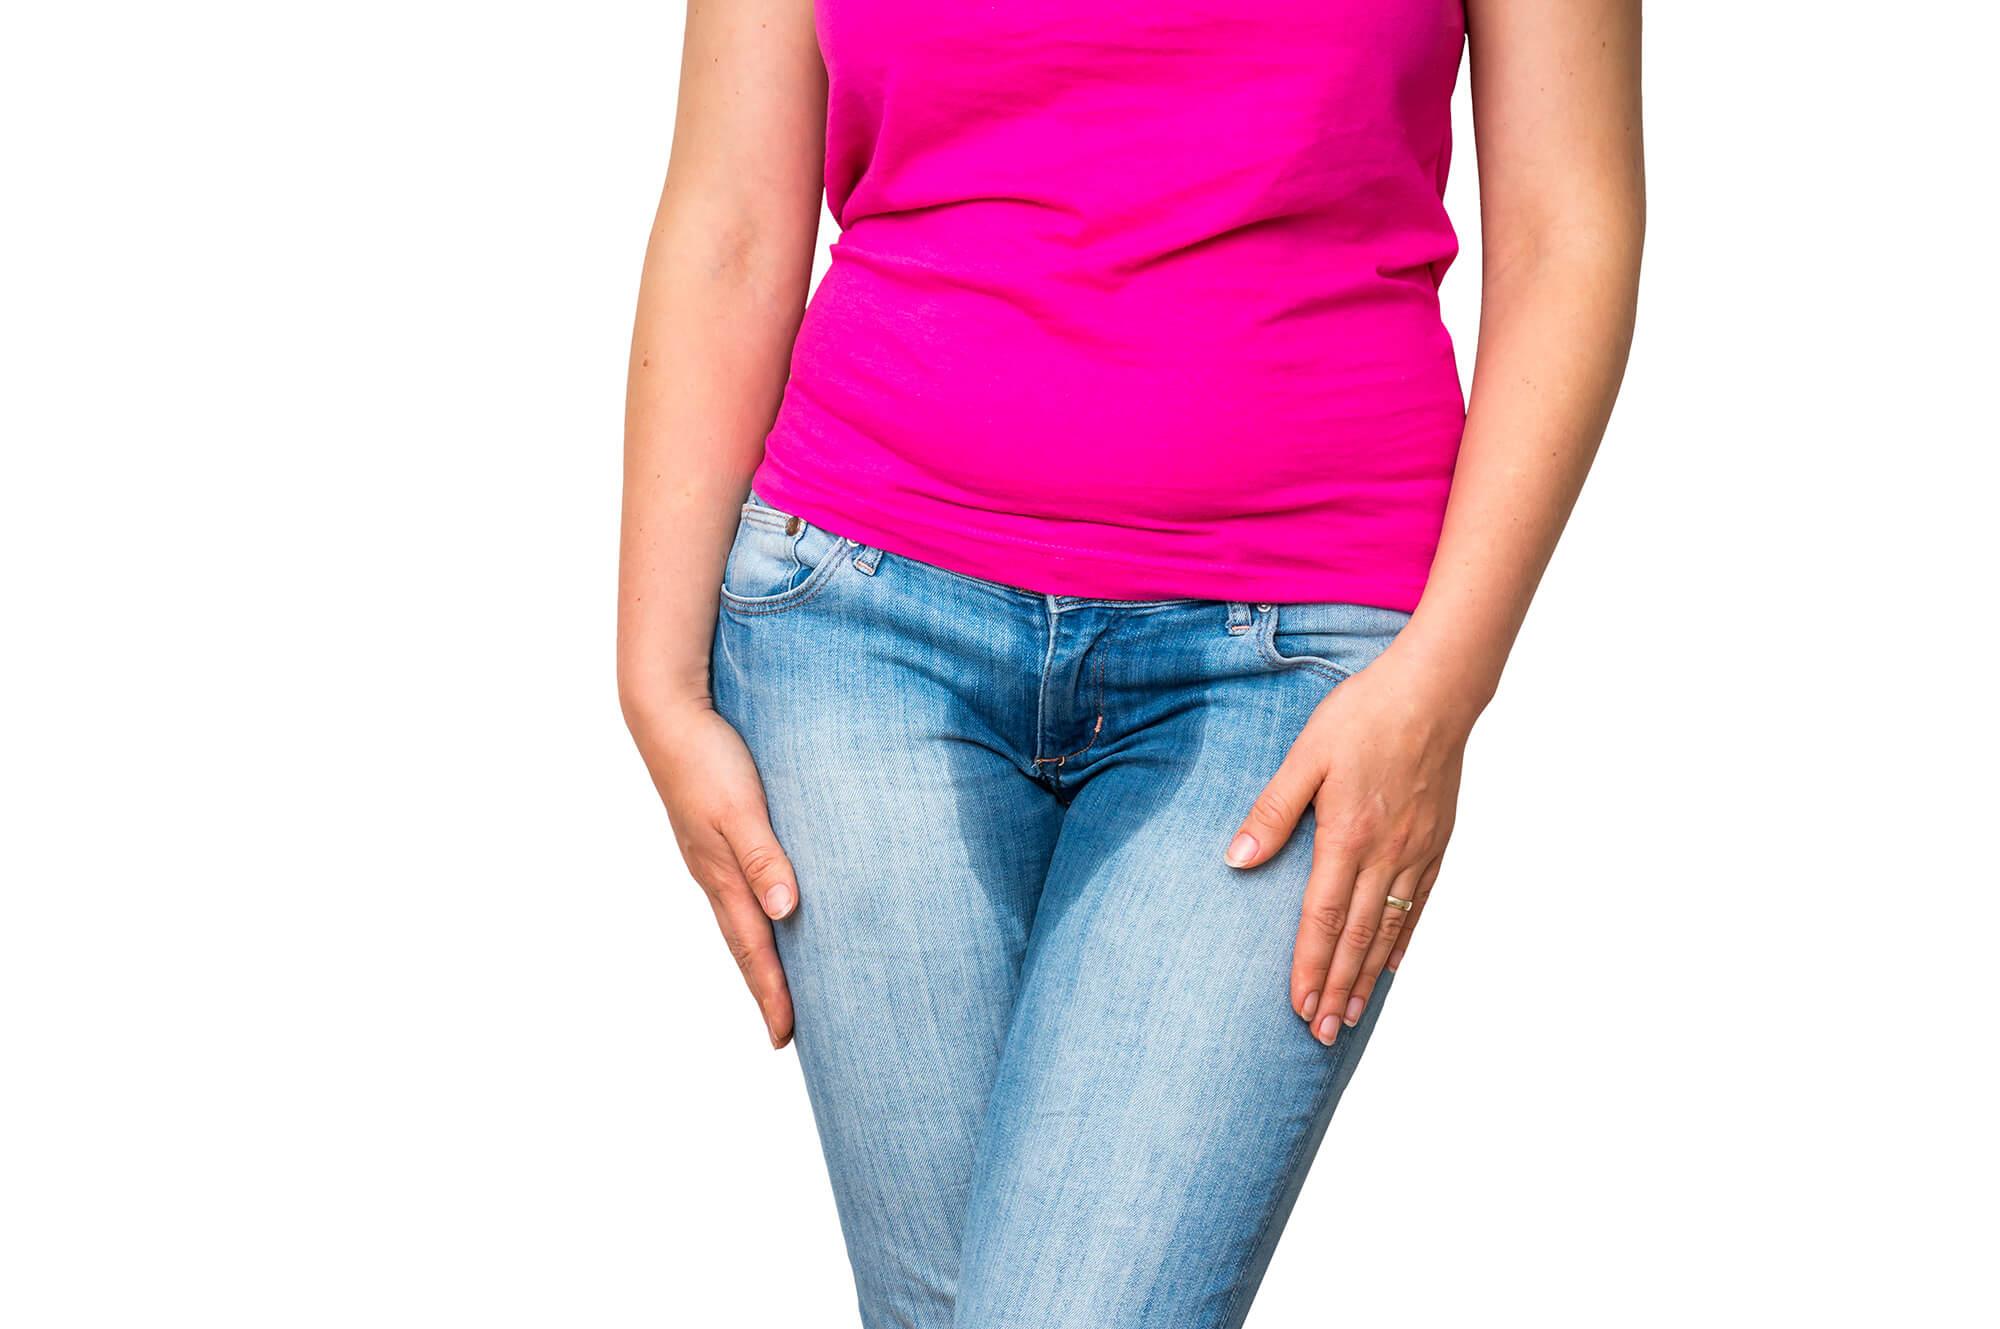 Stresová inkontinence moči